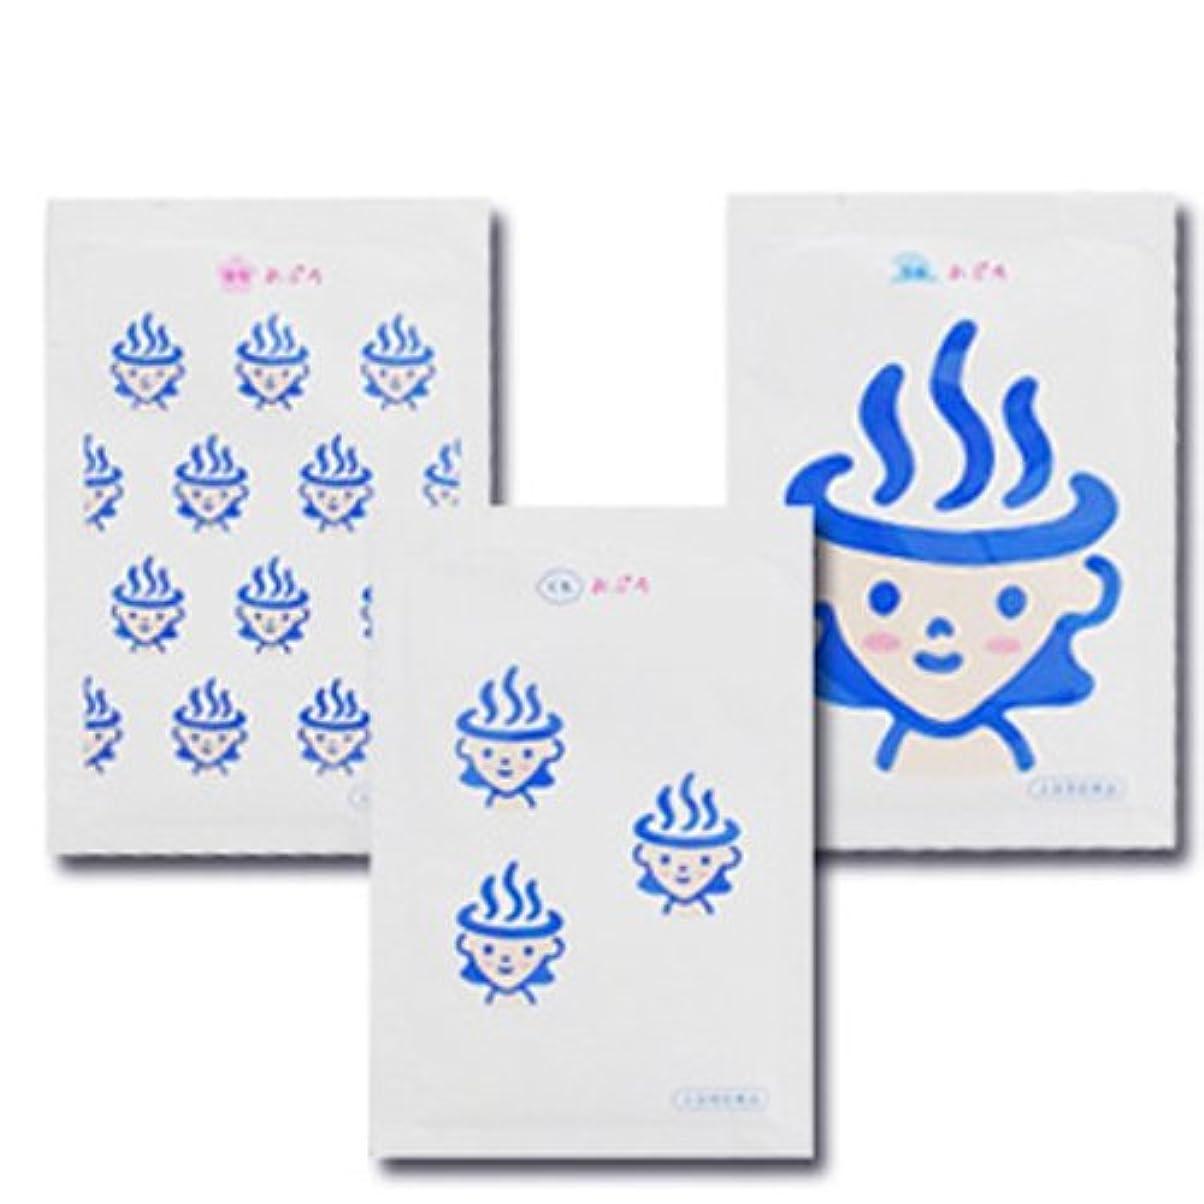 意志廊下延期するお風呂サプリ おぷろ 3包入り(3種×1包)